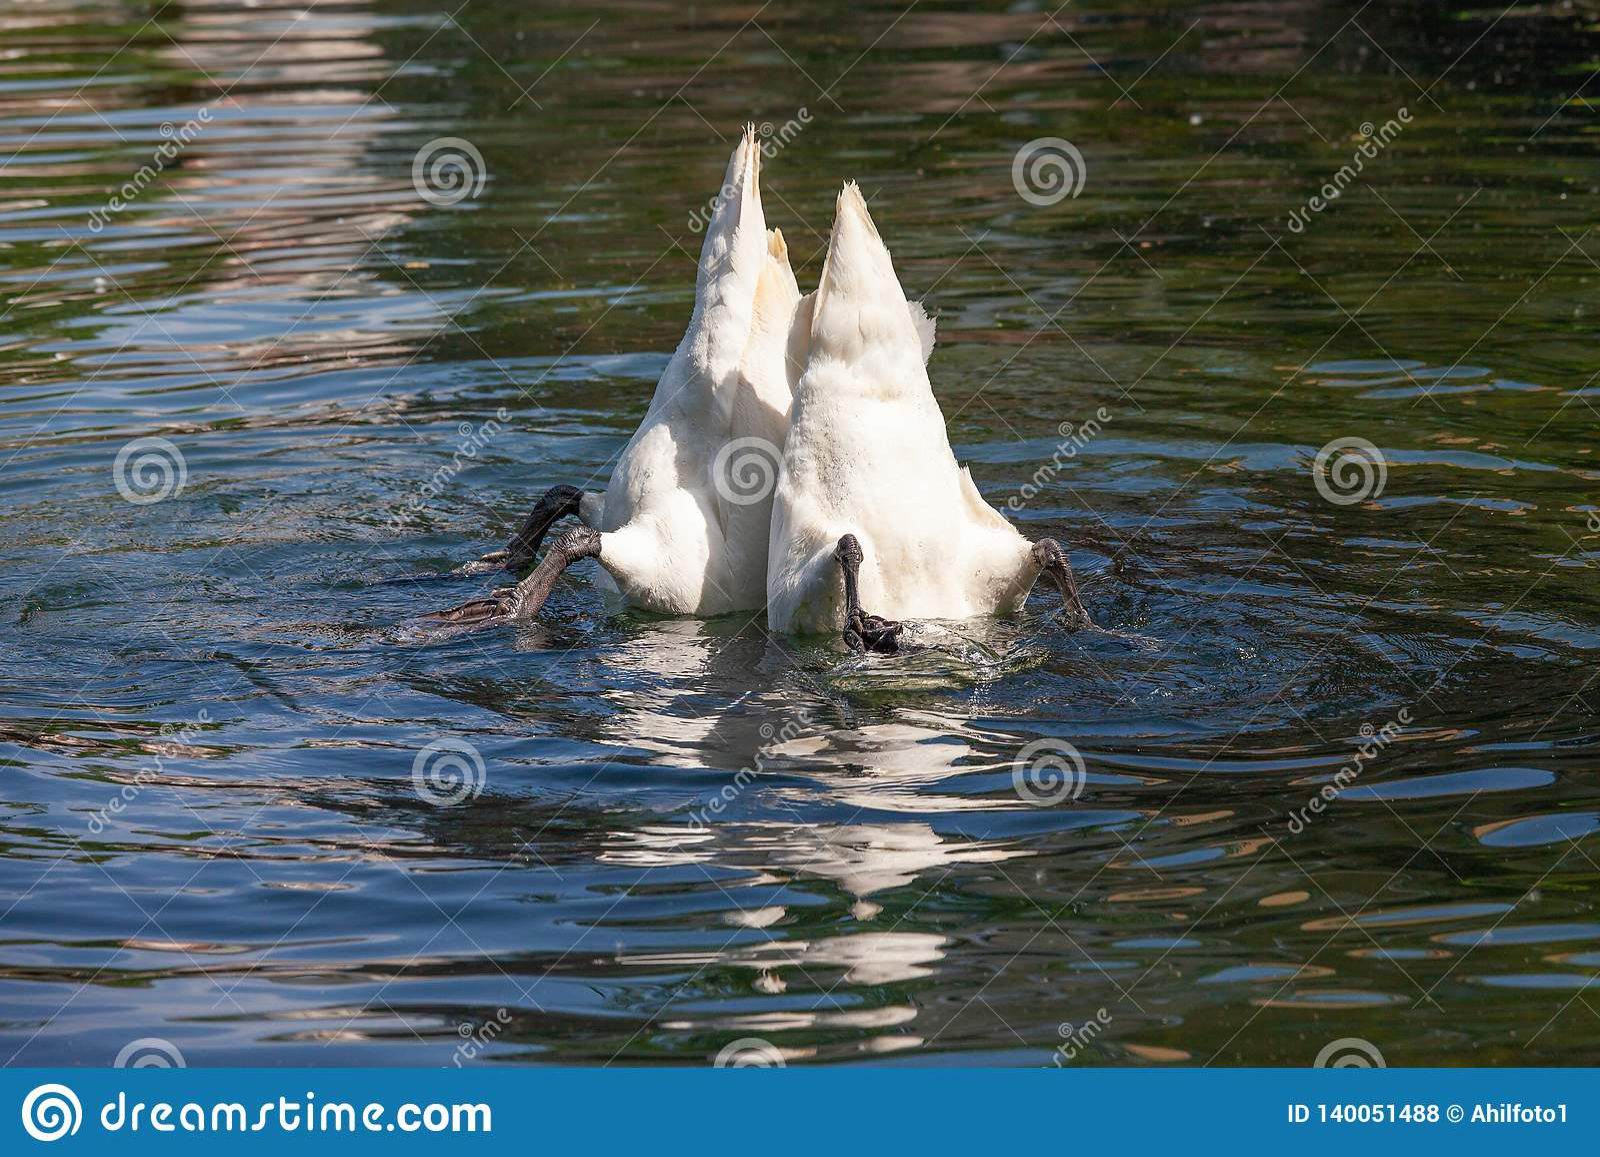 Två vita svanar att klibba deras svansar ut ur vattnet